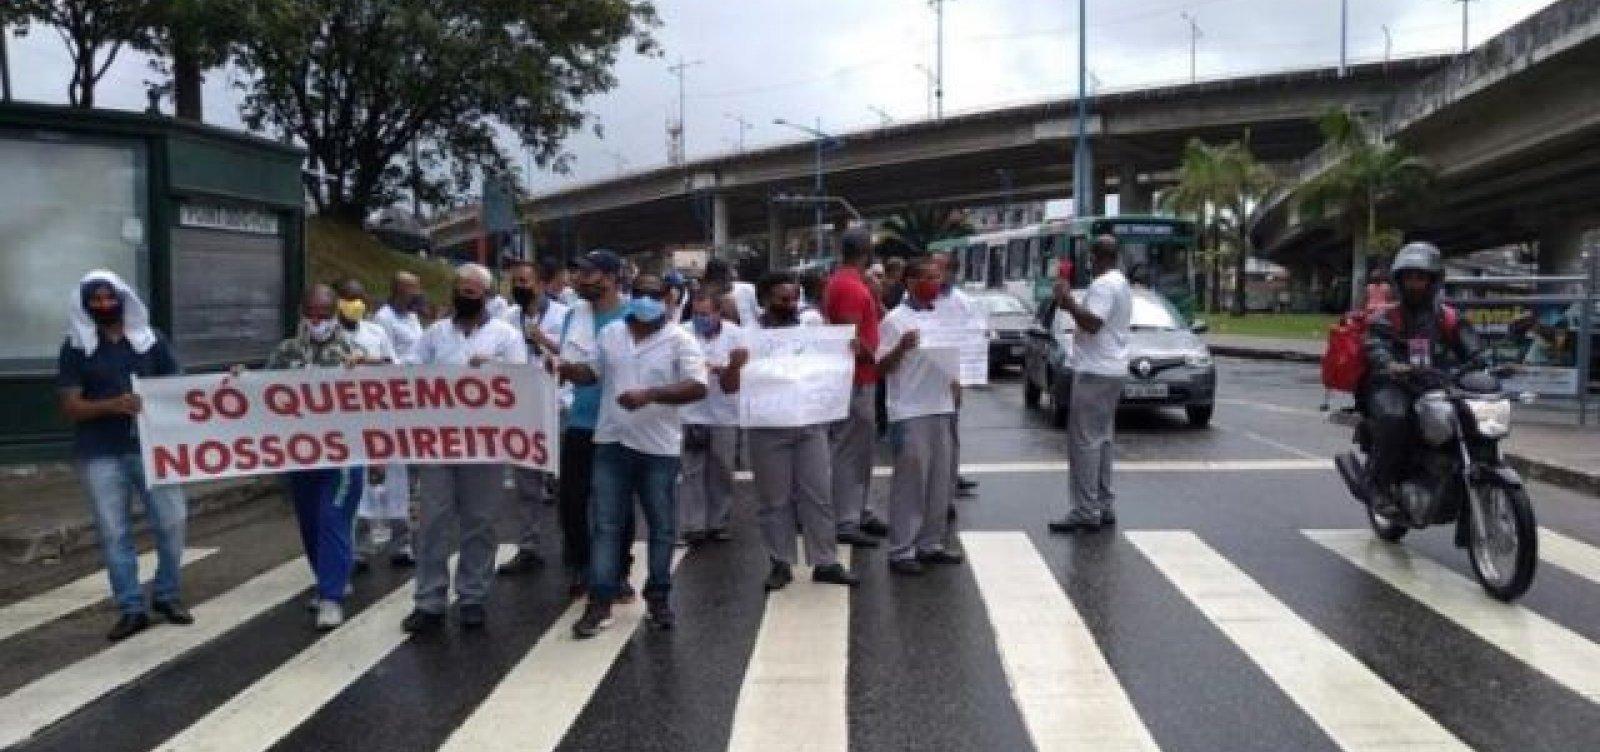 MP diz que não intervirá em imbróglio entre CSN e prefeitura